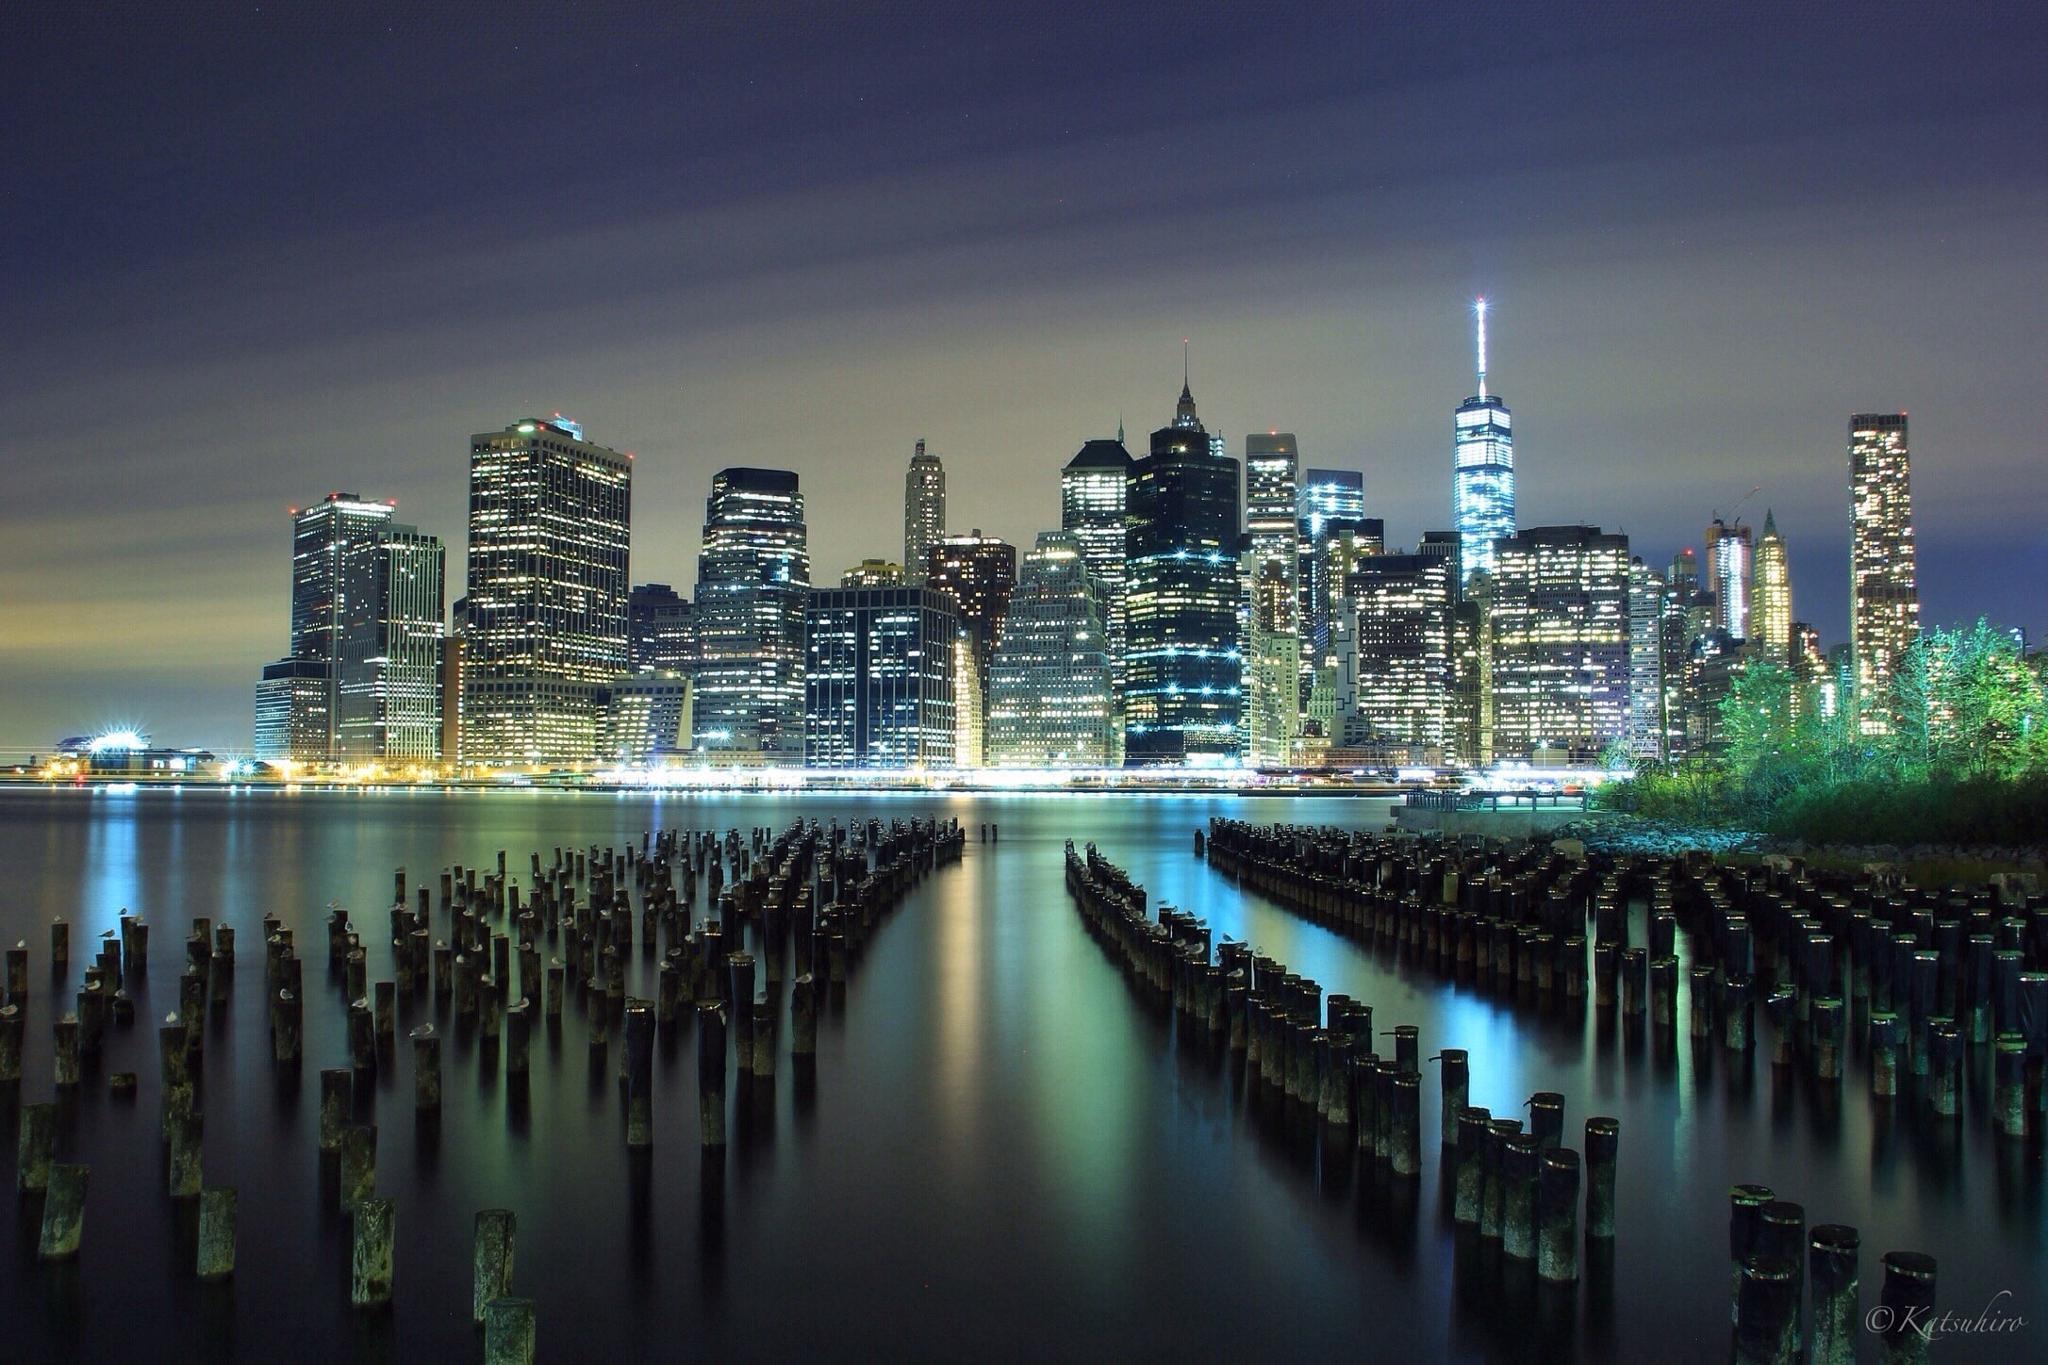 the night city by Katsuhiro Kaneko